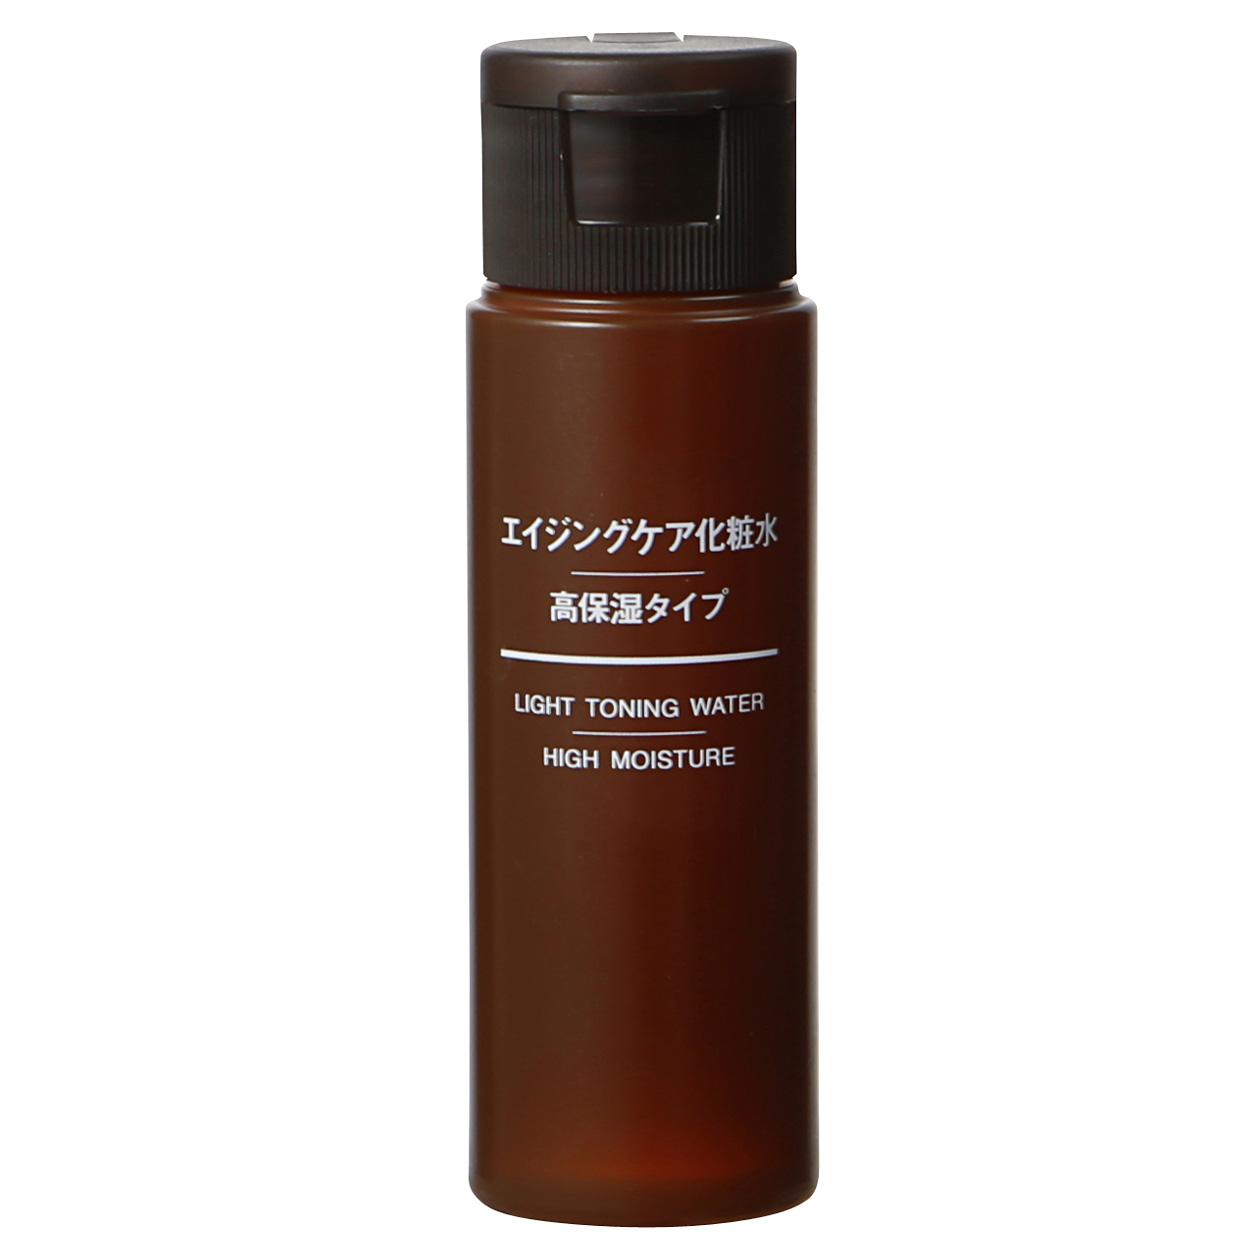 无印良品MUJI 携带型焕肤化妆水/高保湿型